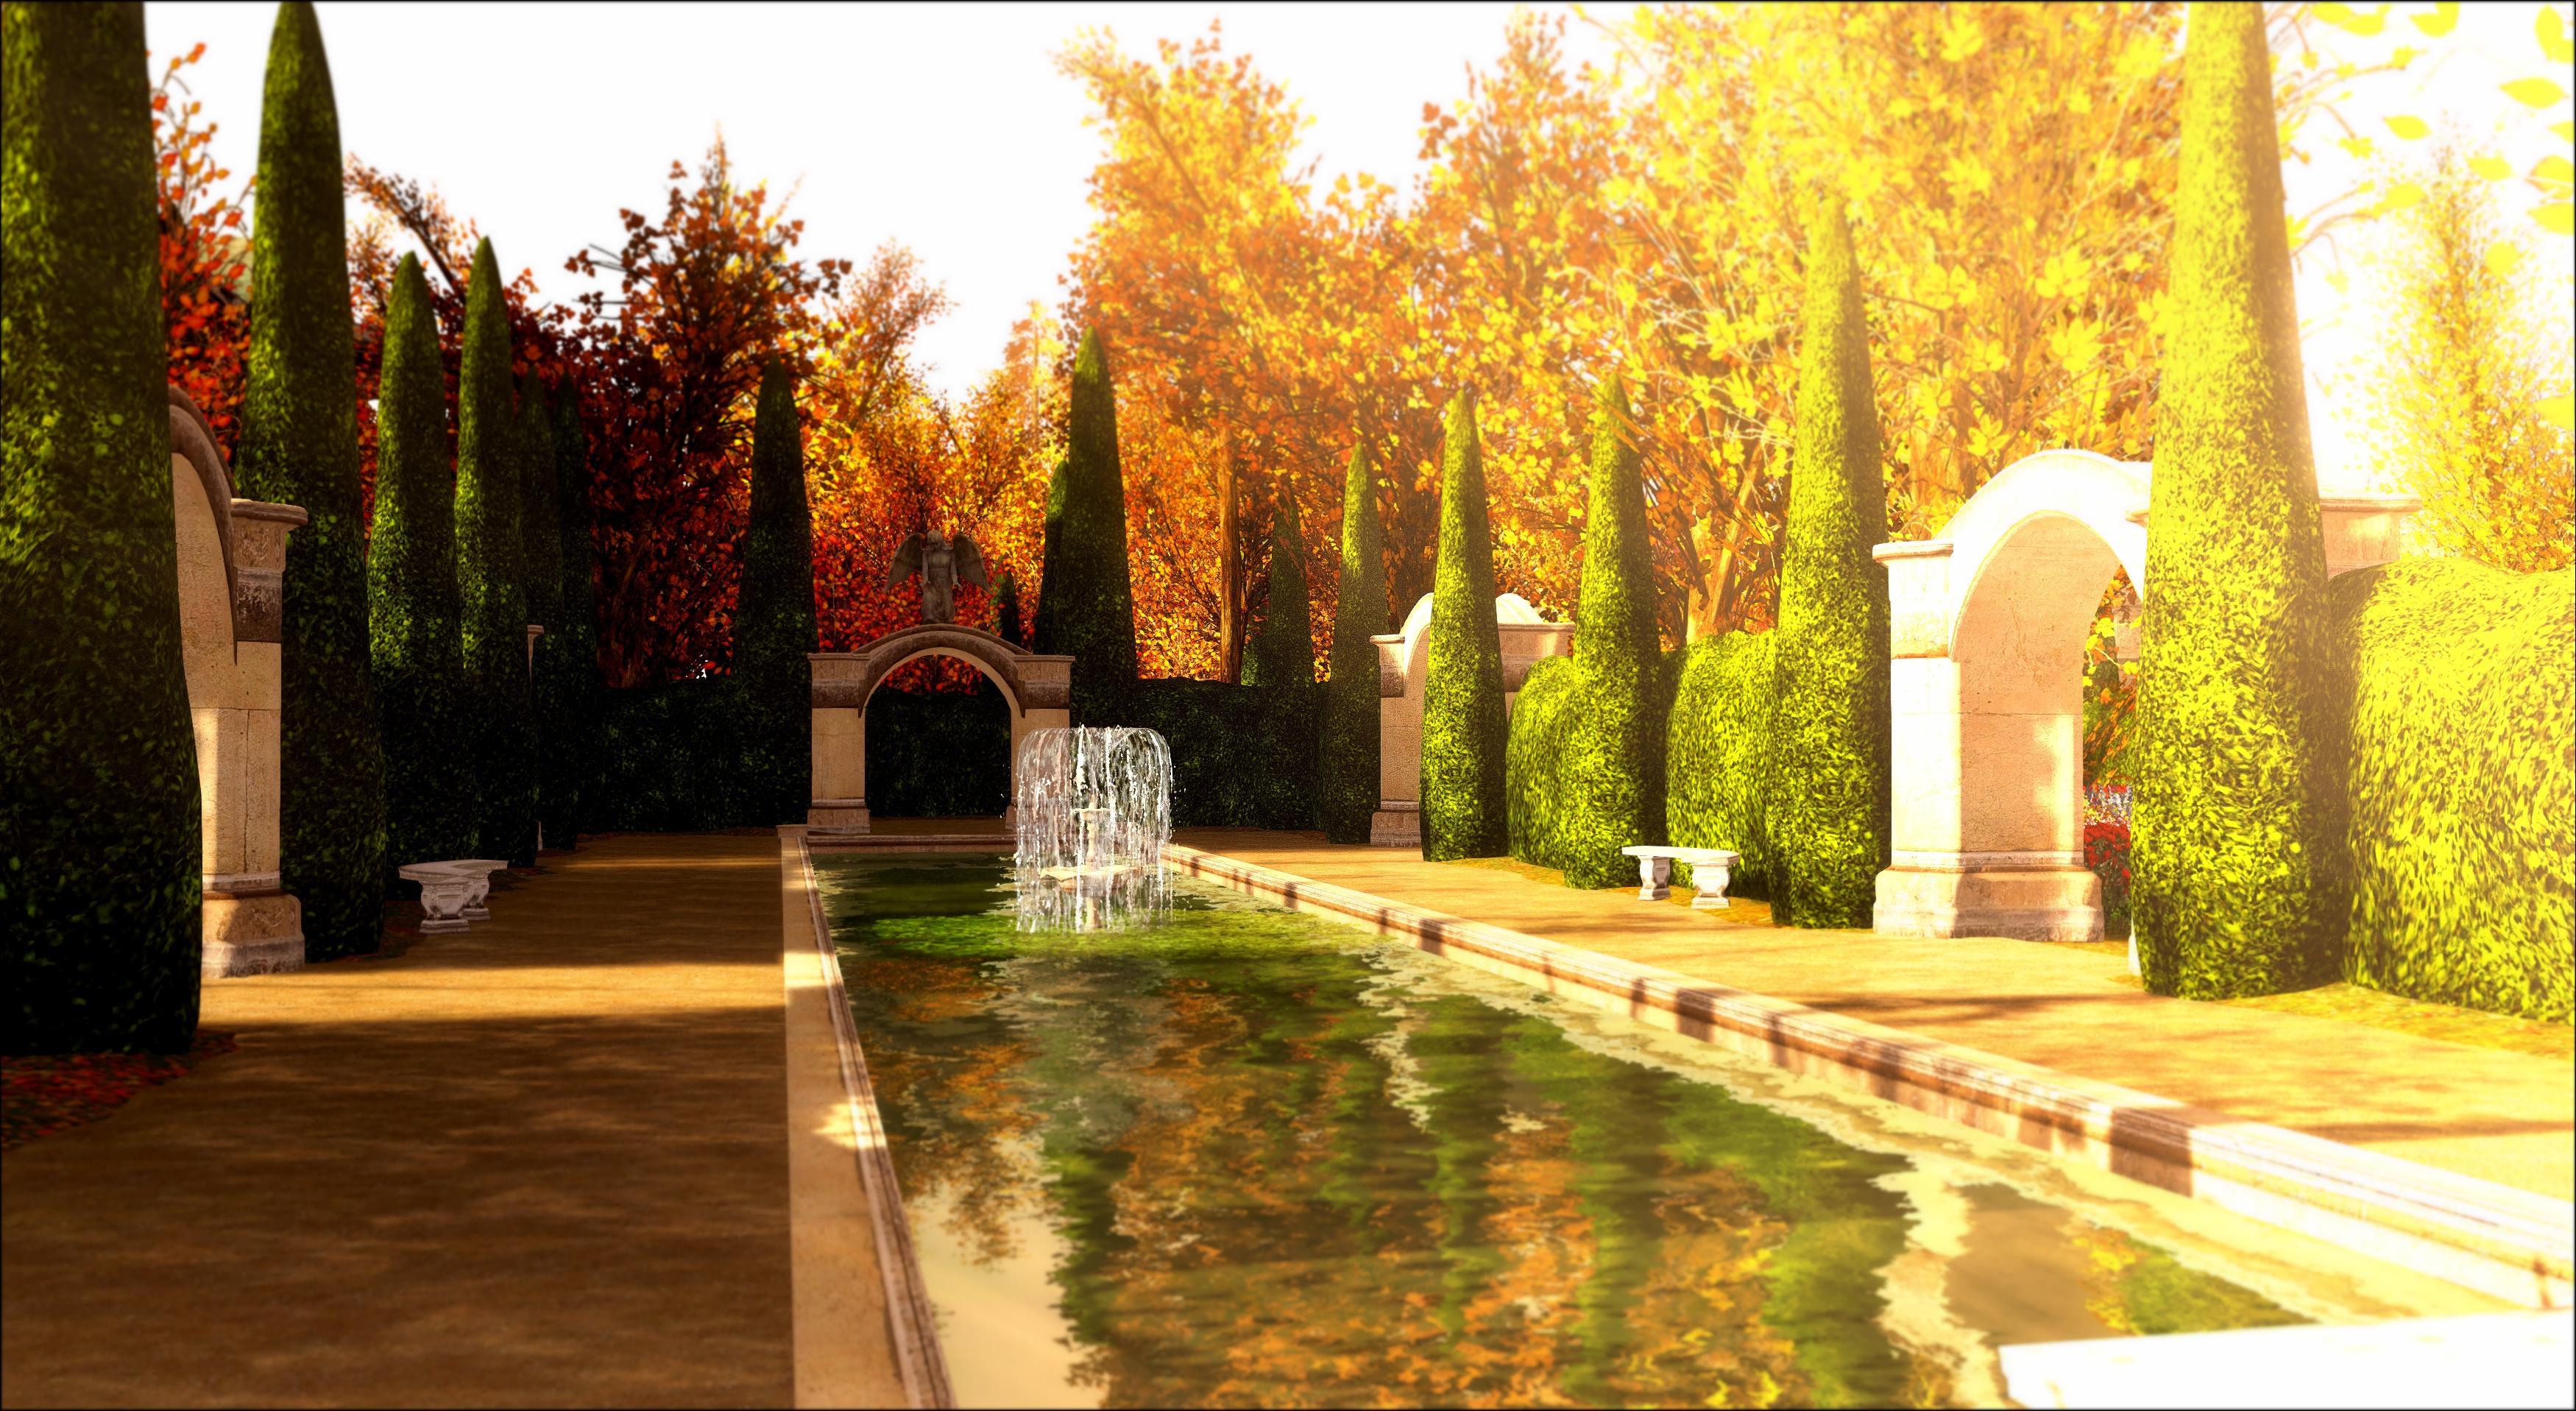 Autumn_005_006